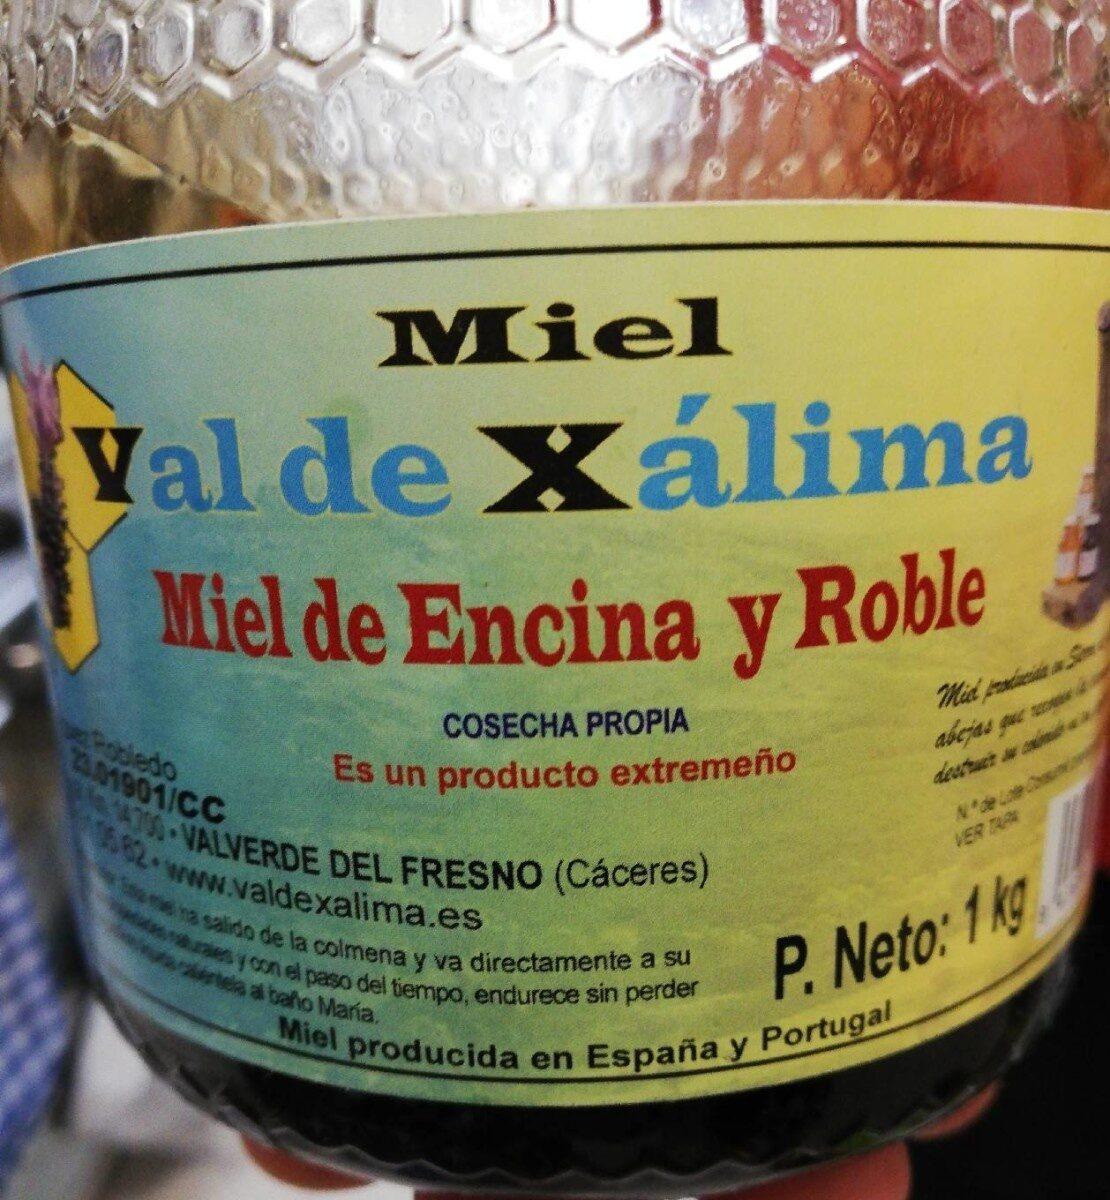 Miel de encina y roble - Producto - es